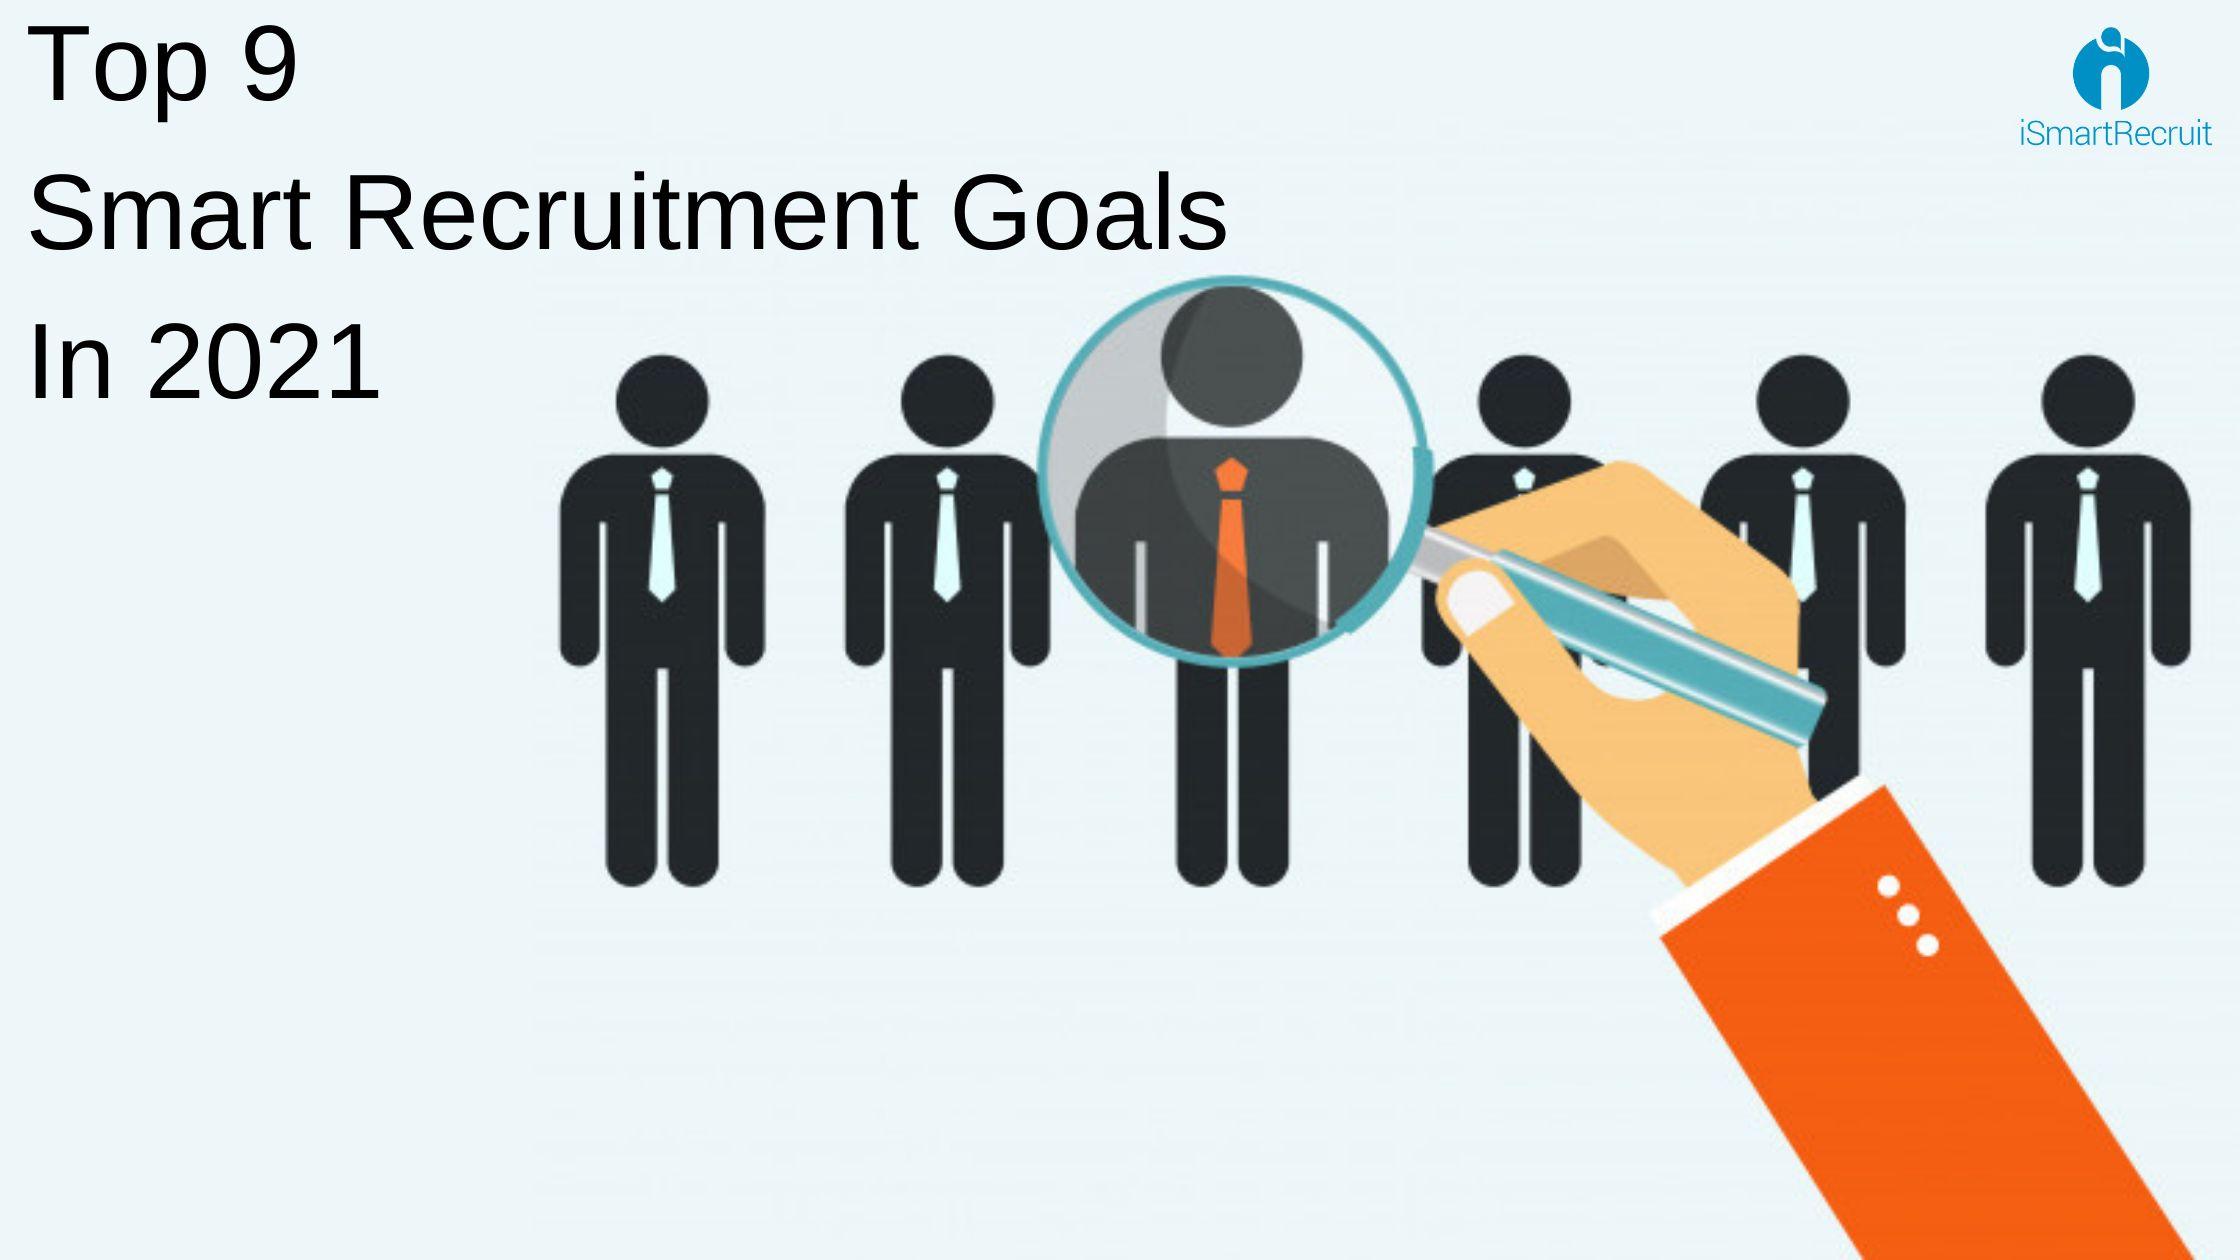 Top 9 Smart Recruitment Goals & Objectives in 2021 [Smart Recruiting]